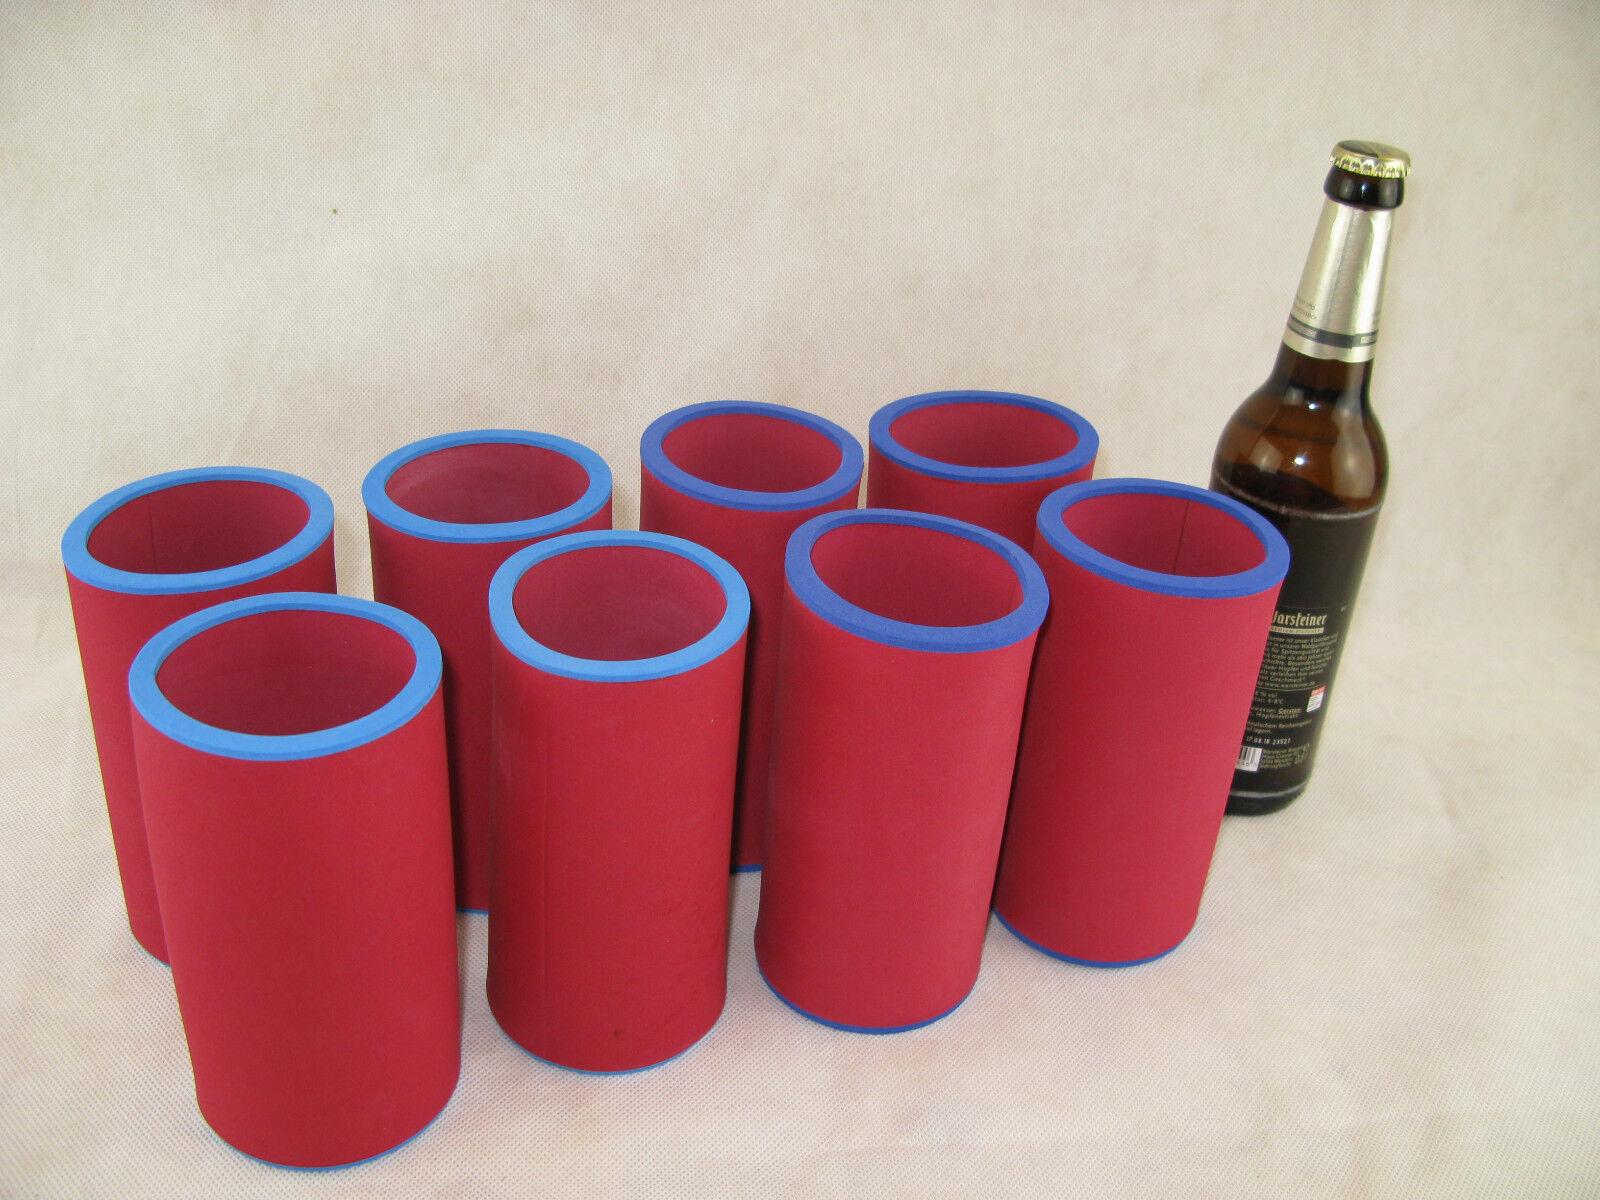 8x 0,5L Flaschenkühler Bierkühler Getränkekühler Kühler Neopren  Top Qualität red  the best online store offer